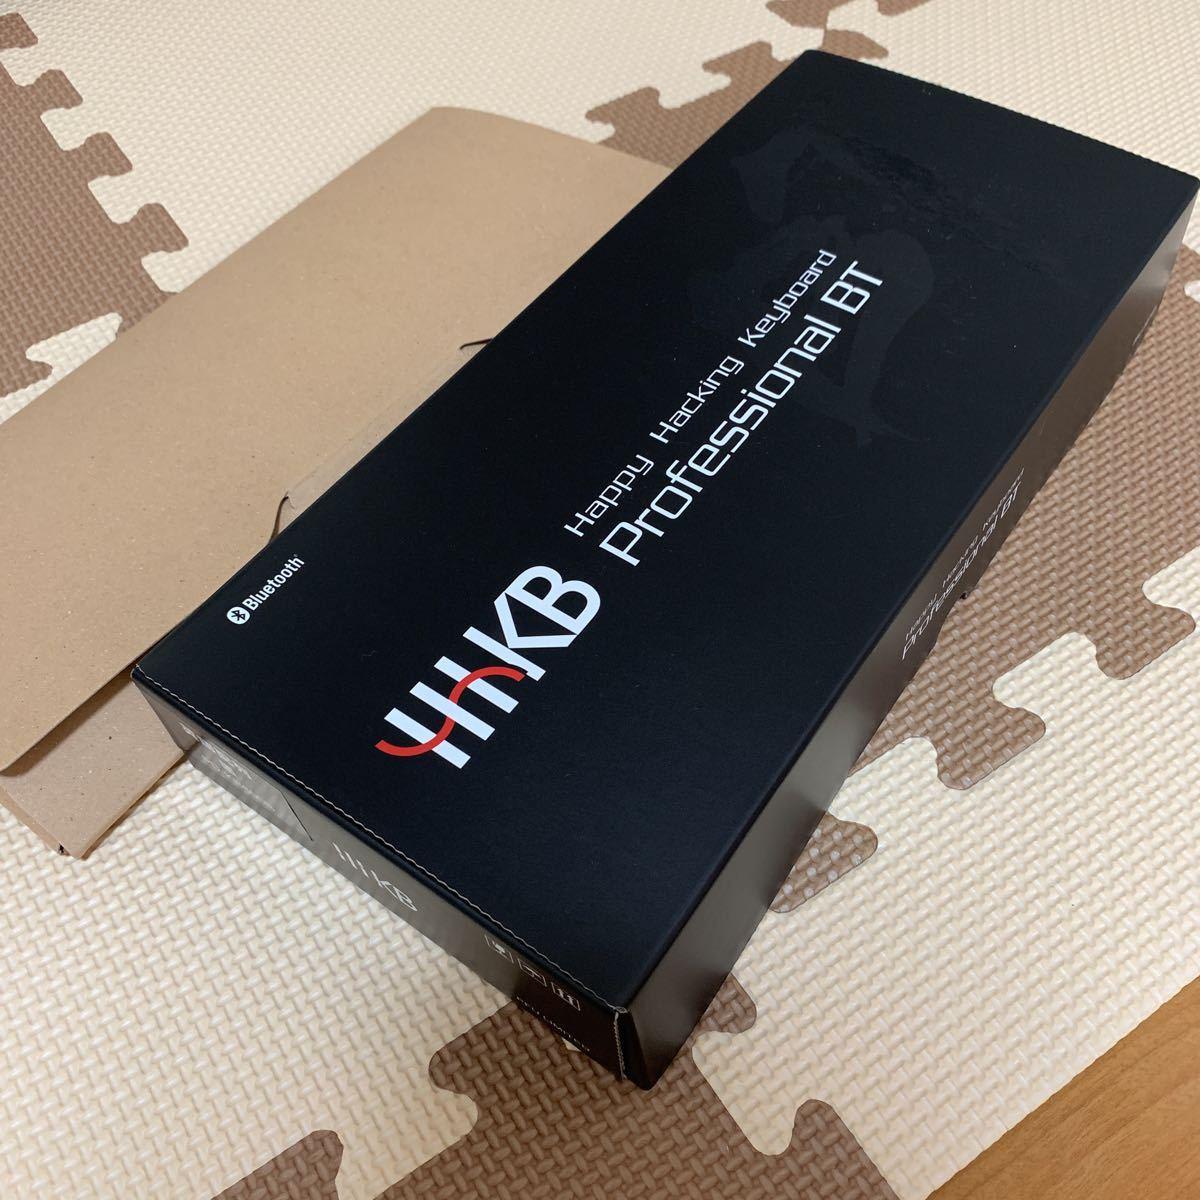 【中古美品】HHKB Professional BT PD-KB600B 墨 英語配列モデル かな無刻印 USキーボード おまけキーボードブリッジ_画像7